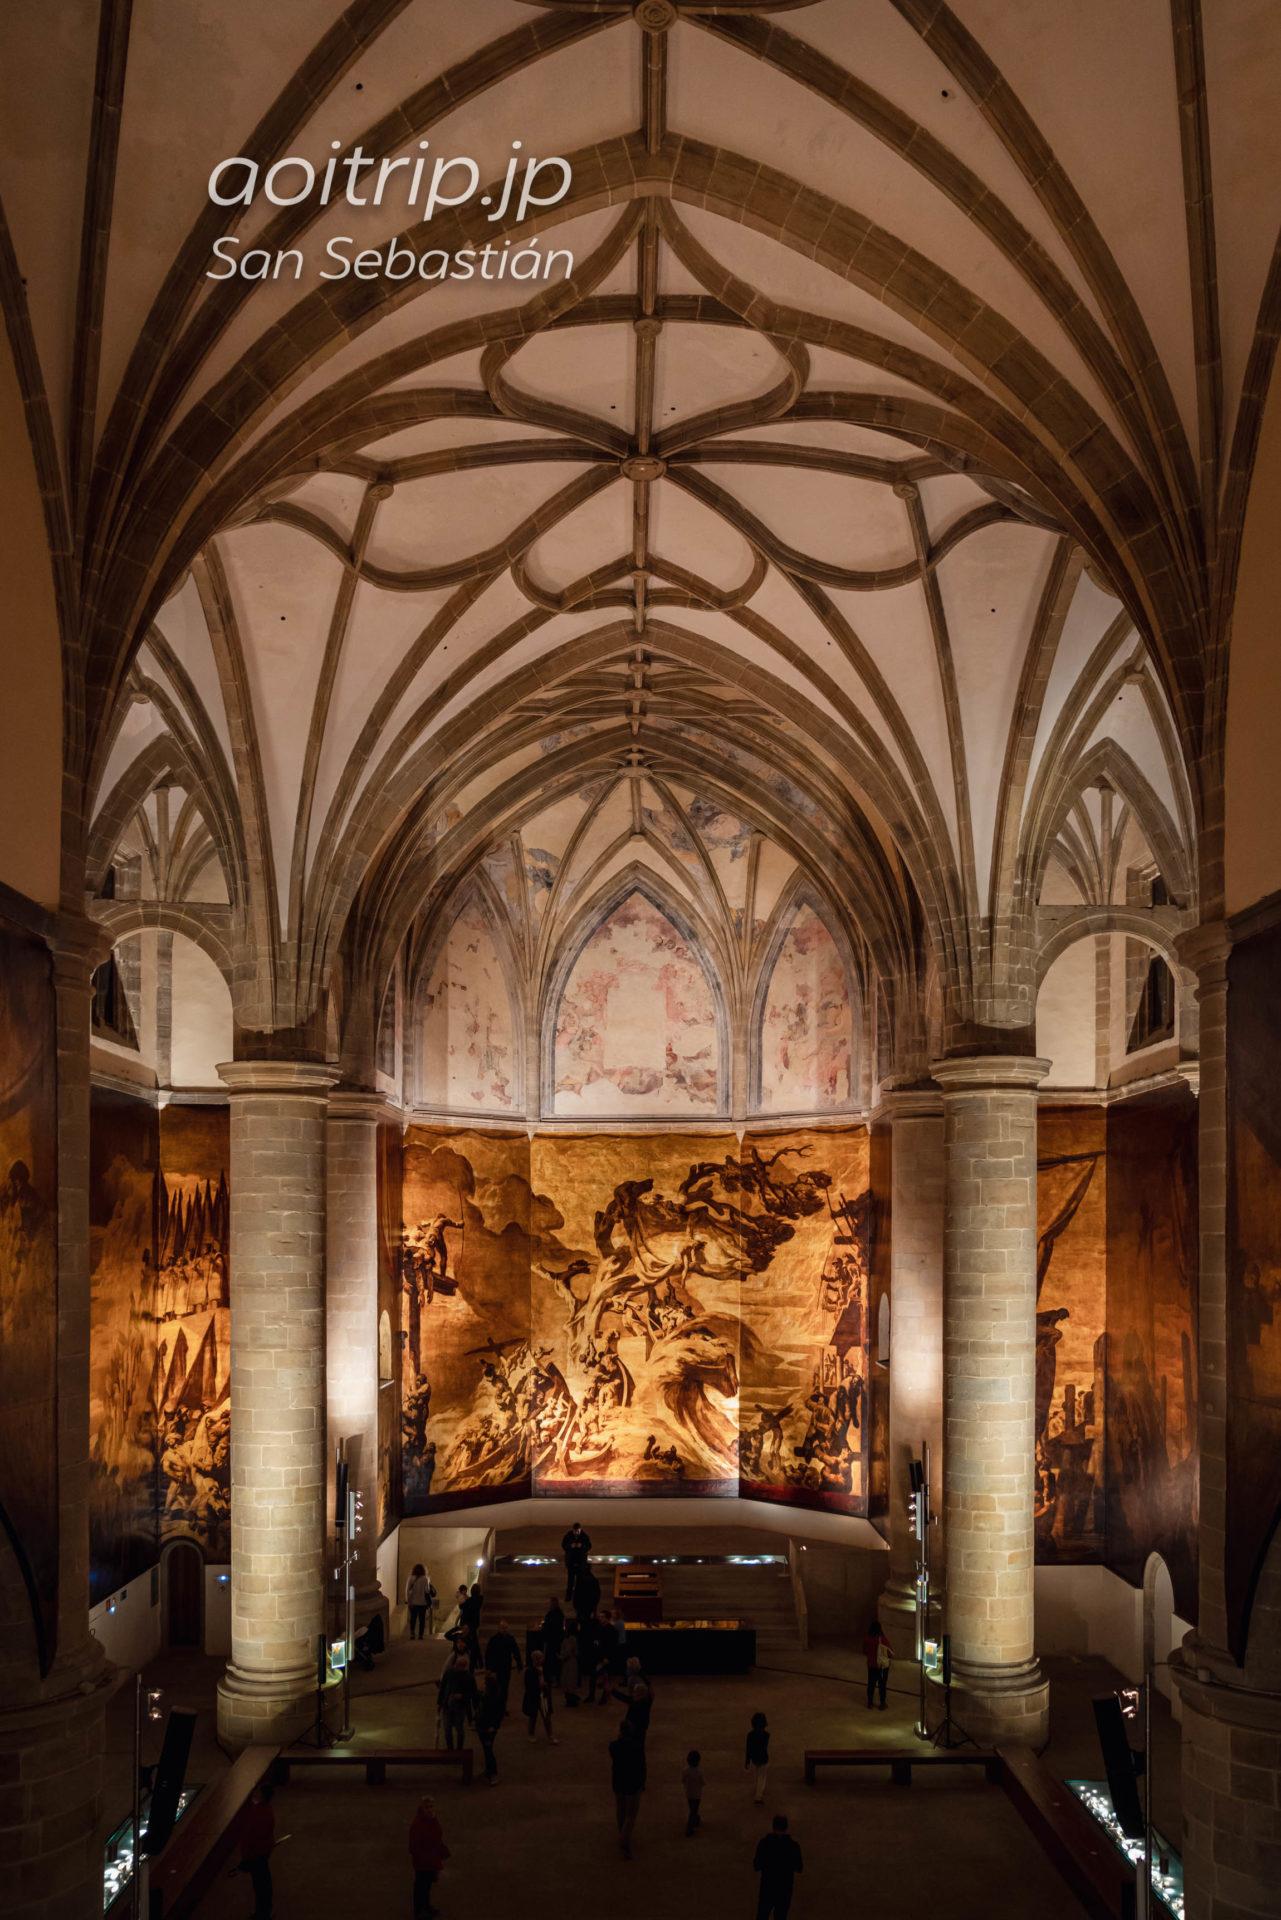 サンセバスチャン サンテルモ博物館